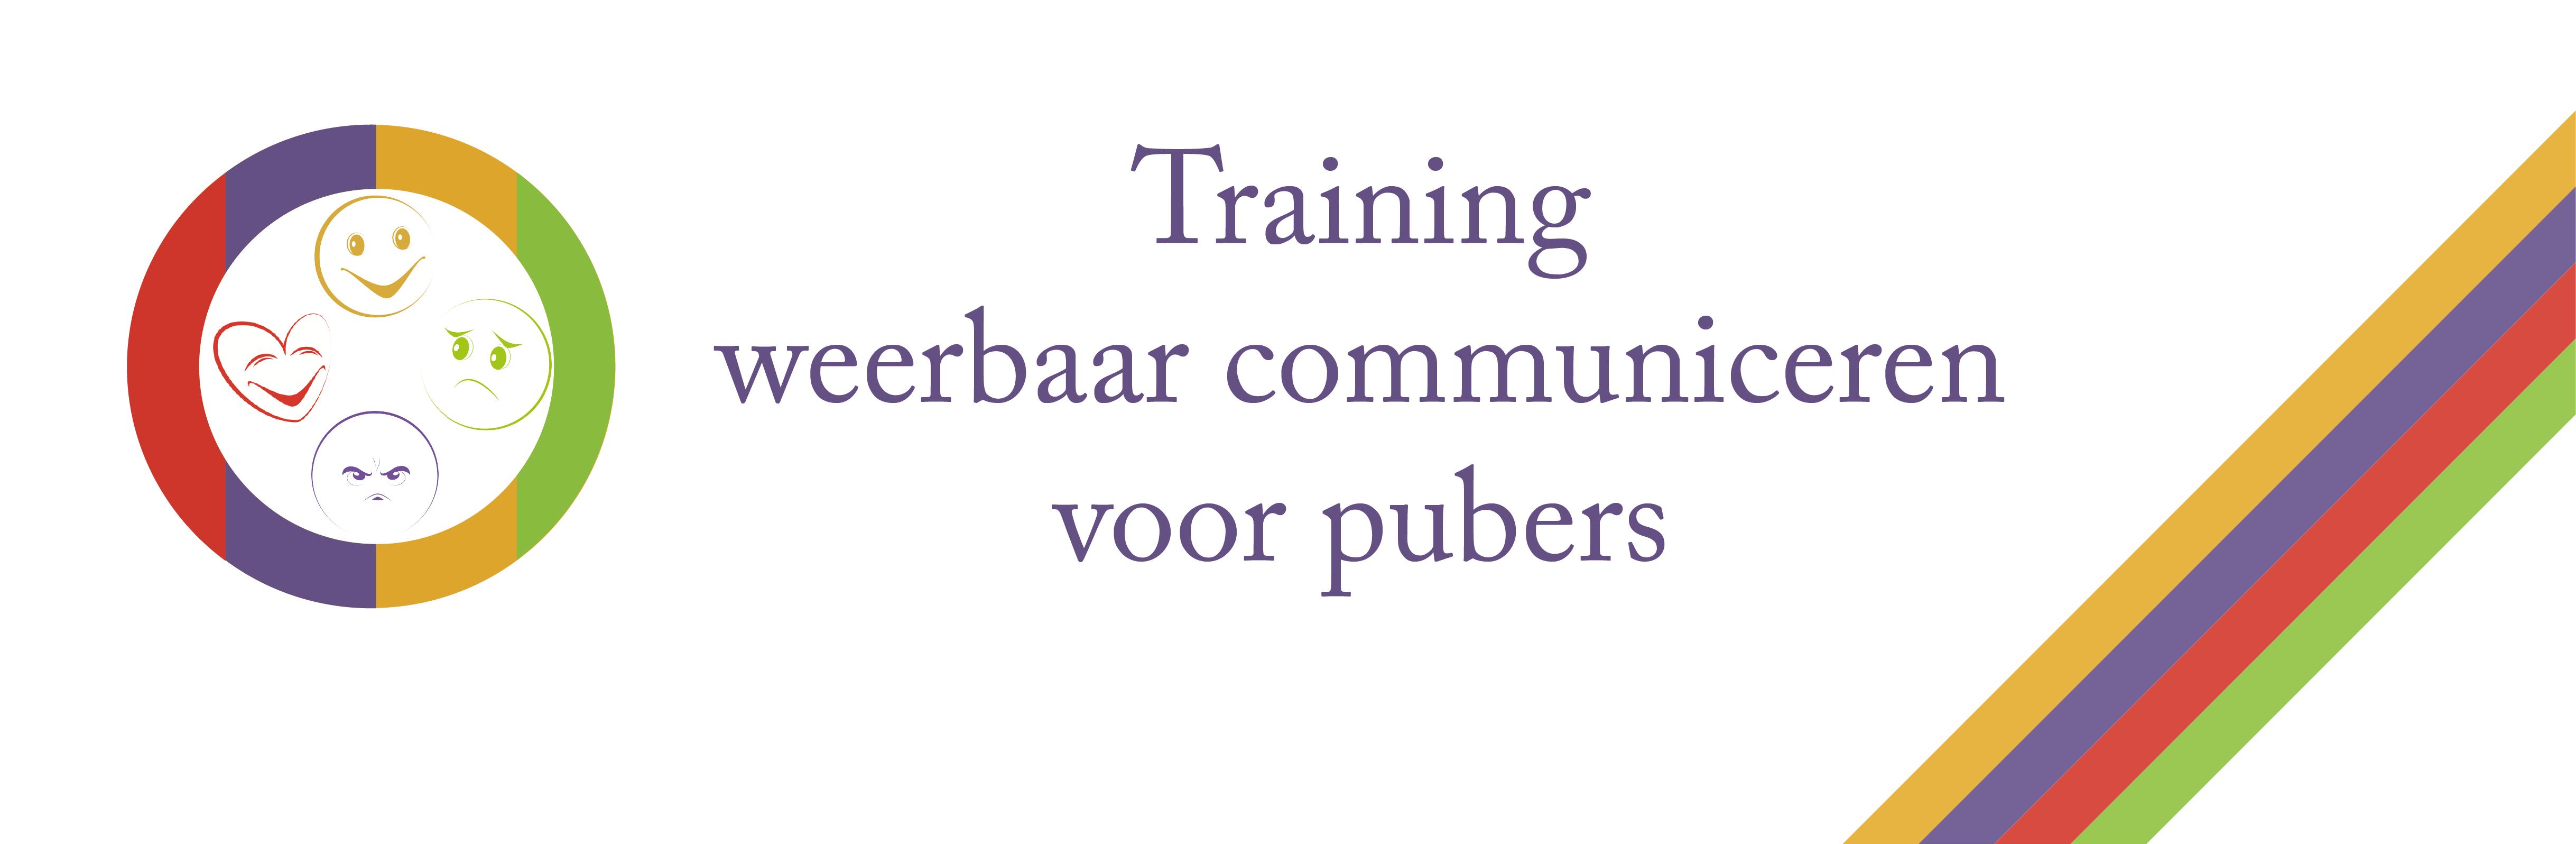 Banner Weerbaar communiceren voor pubers